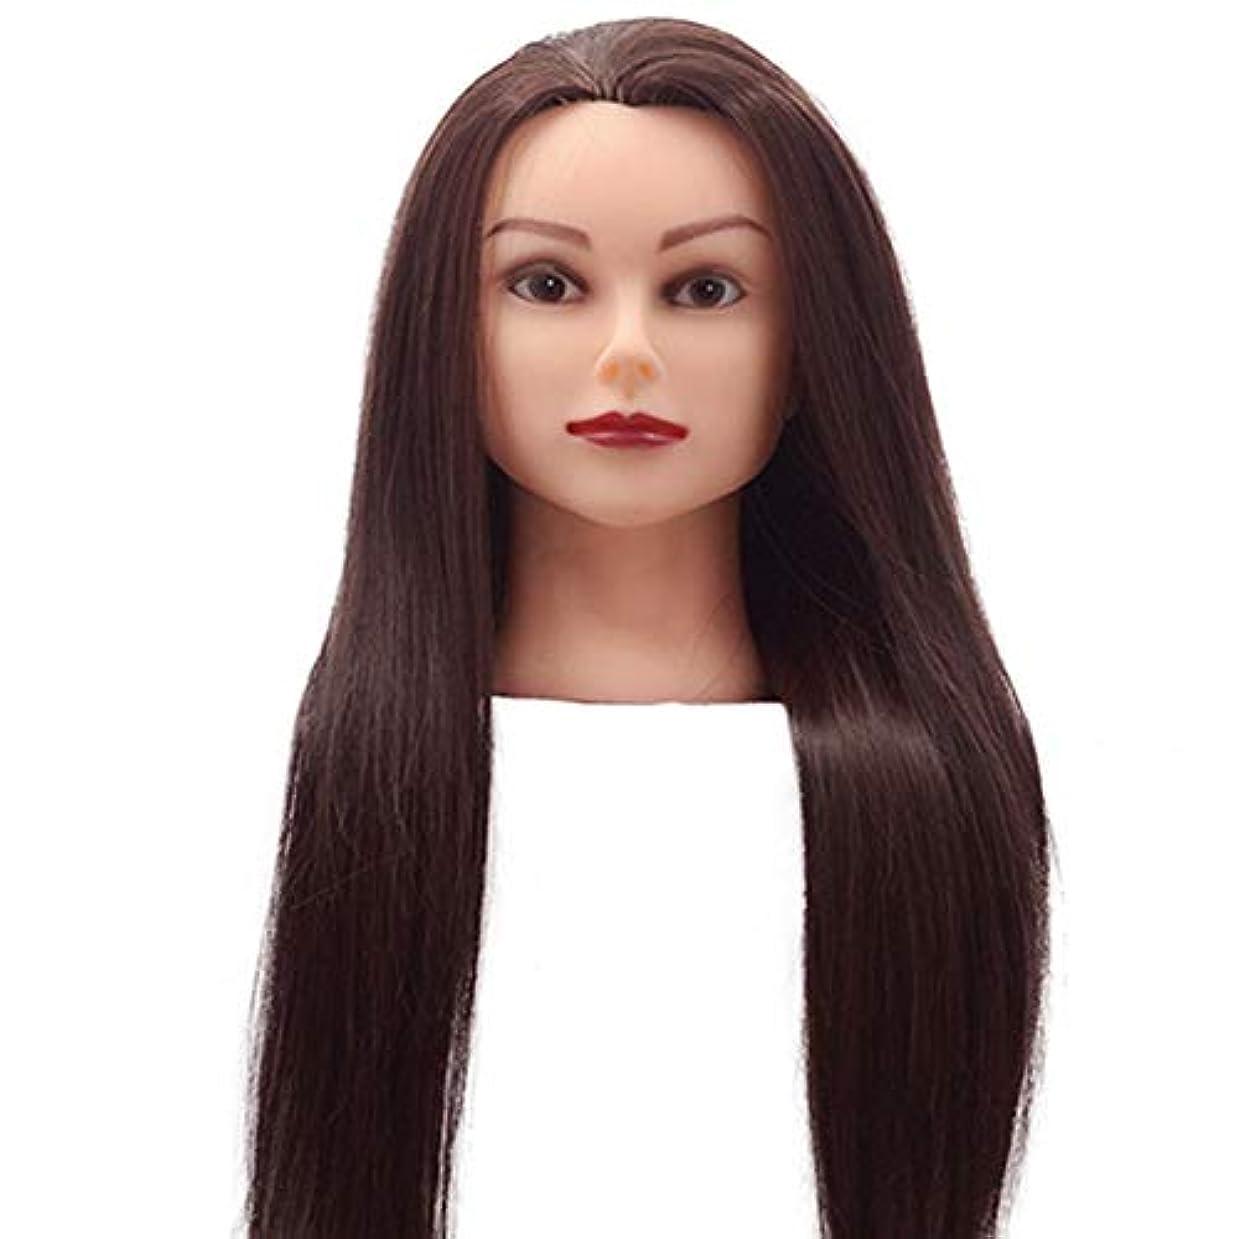 鬼ごっこしつけクランプ理髪モデルヘッド花嫁の髪編組三つ編み学習ヘッドモデル理髪店美容散髪ダミーエクササイズヘッド